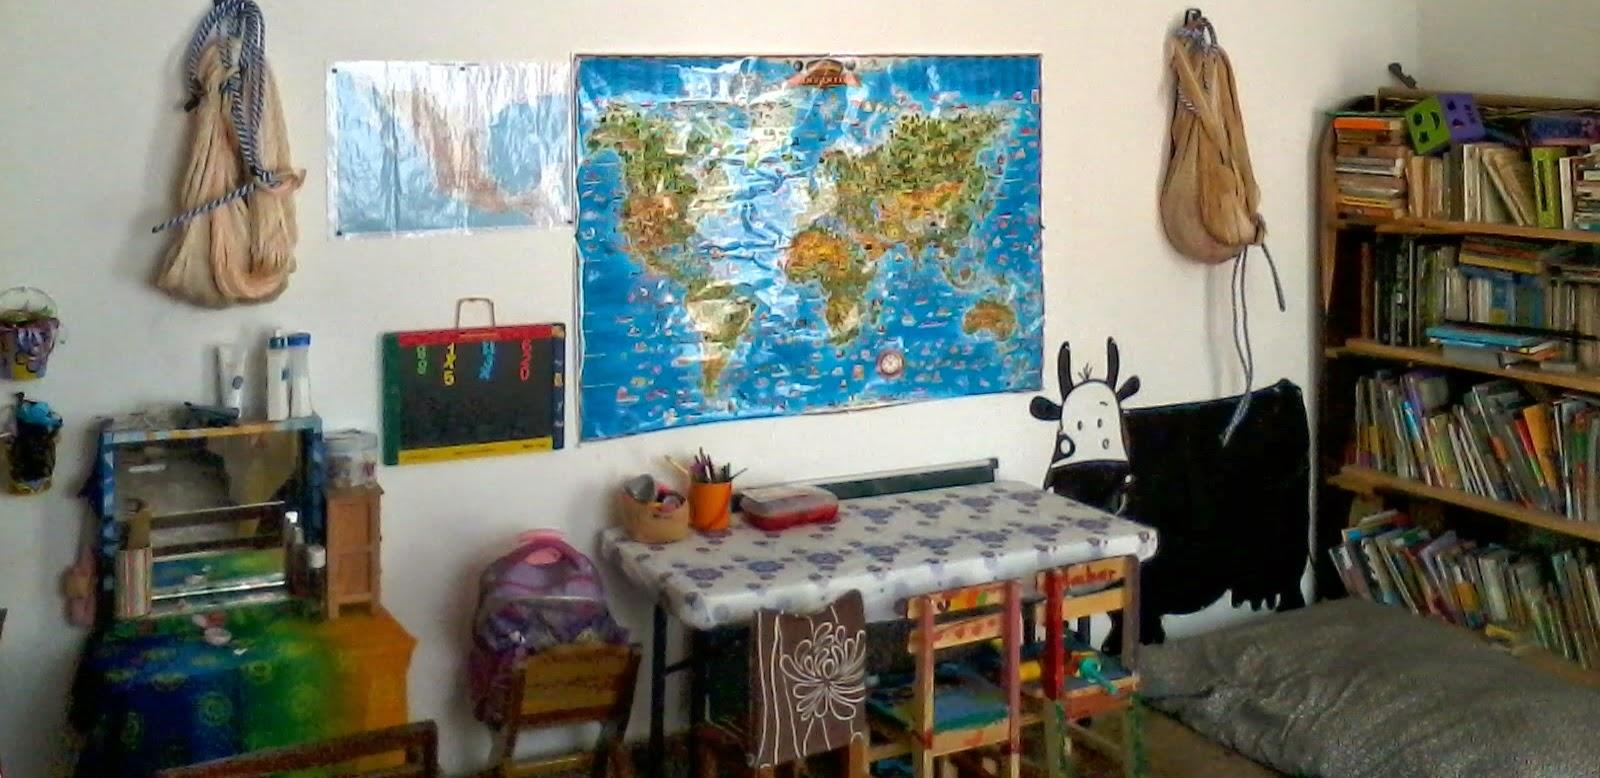 Mi casa soluciones practicas para organizar en casa - Juegos de organizar casas ...